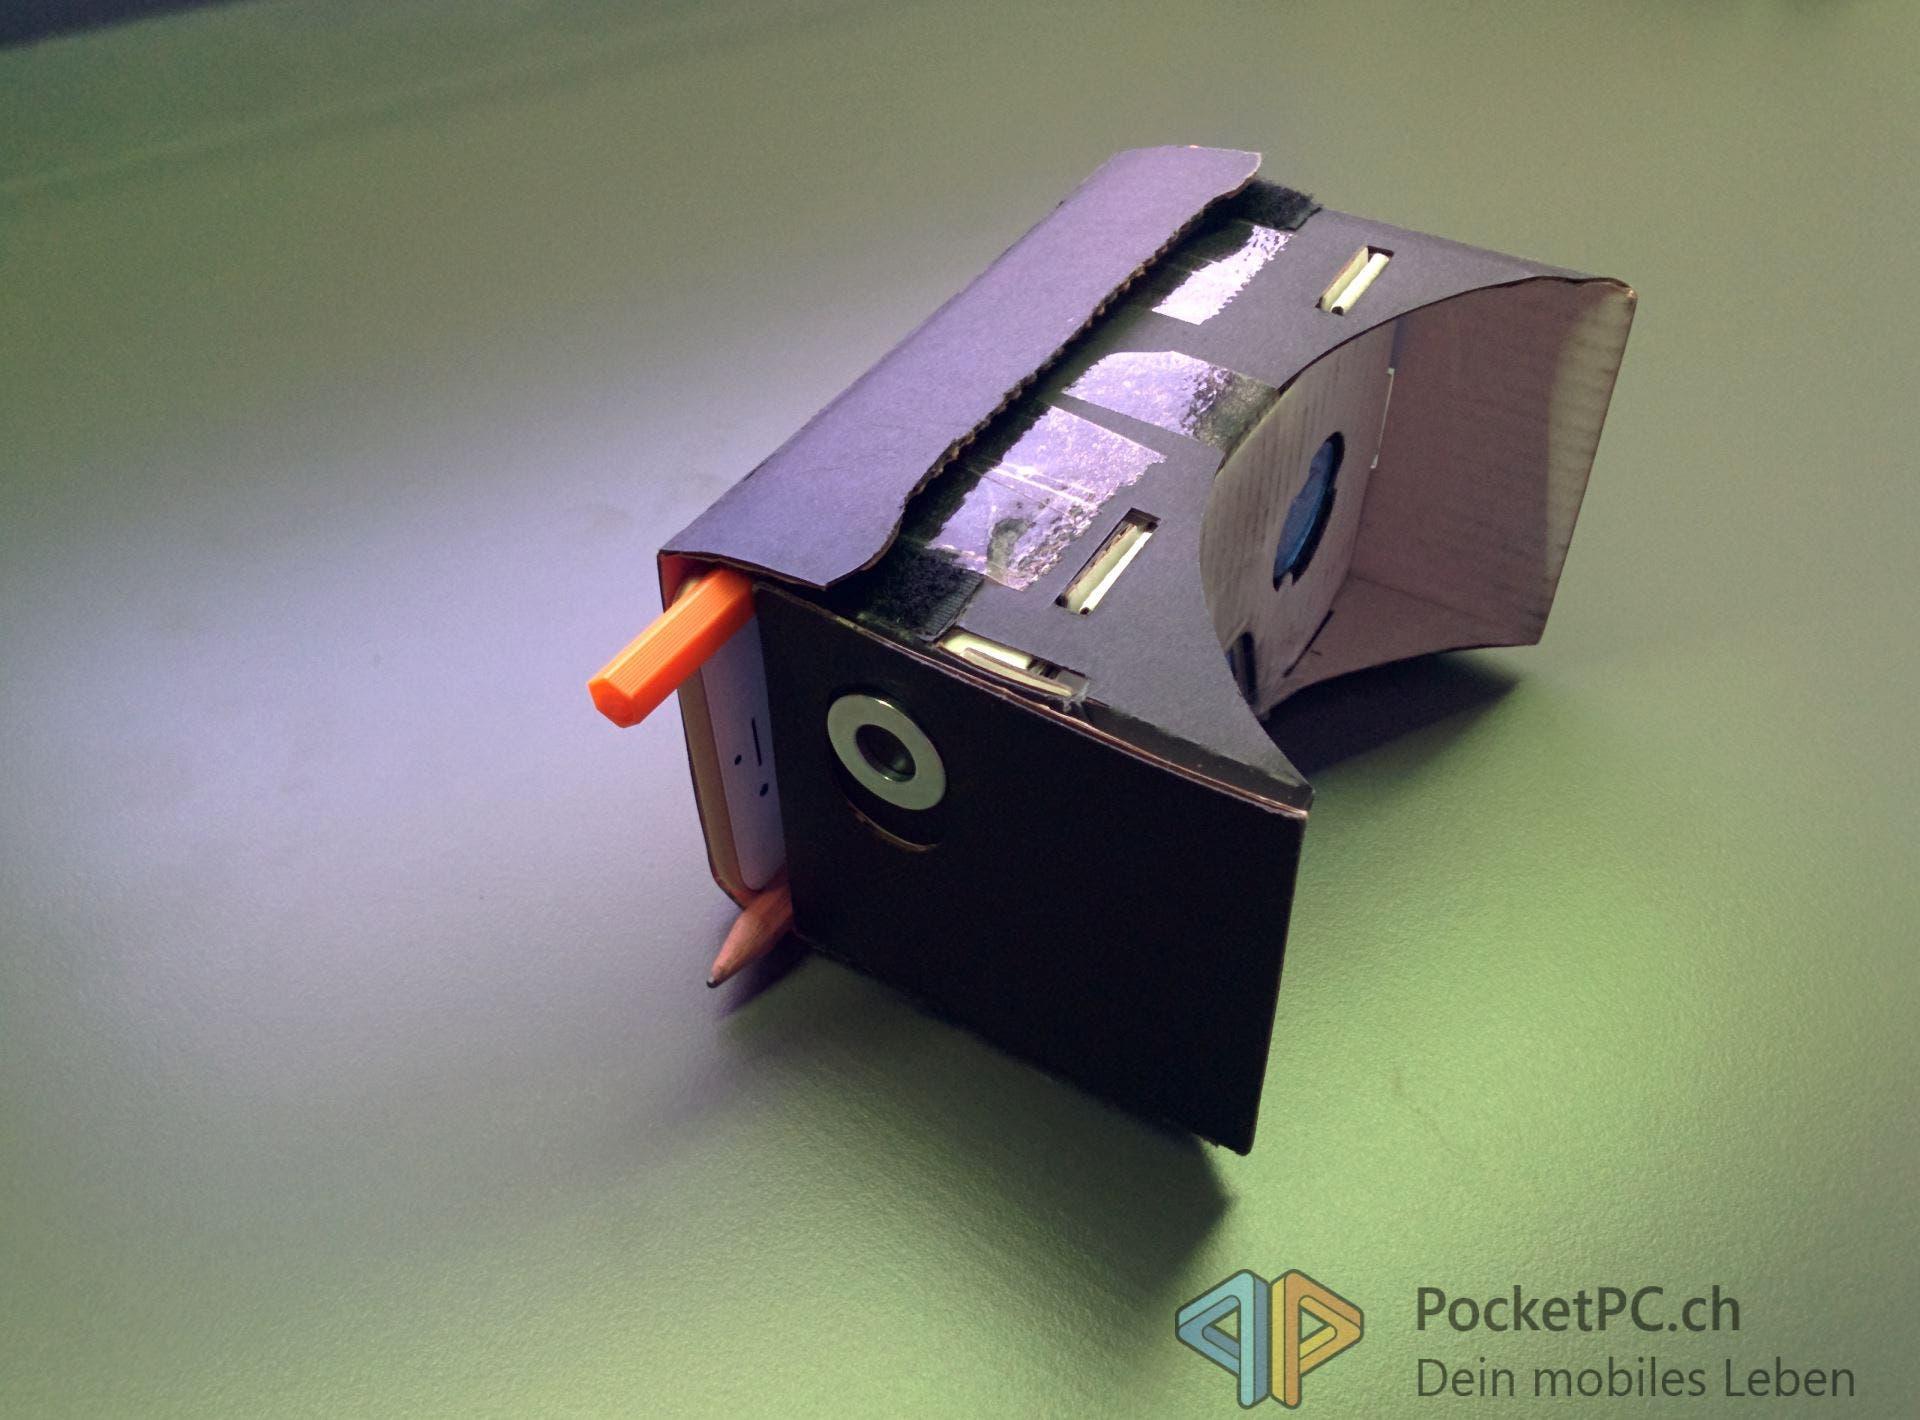 Google-Cardboard-von-3D360.ch-14 Google plant offenbar Highend-VR-Brille